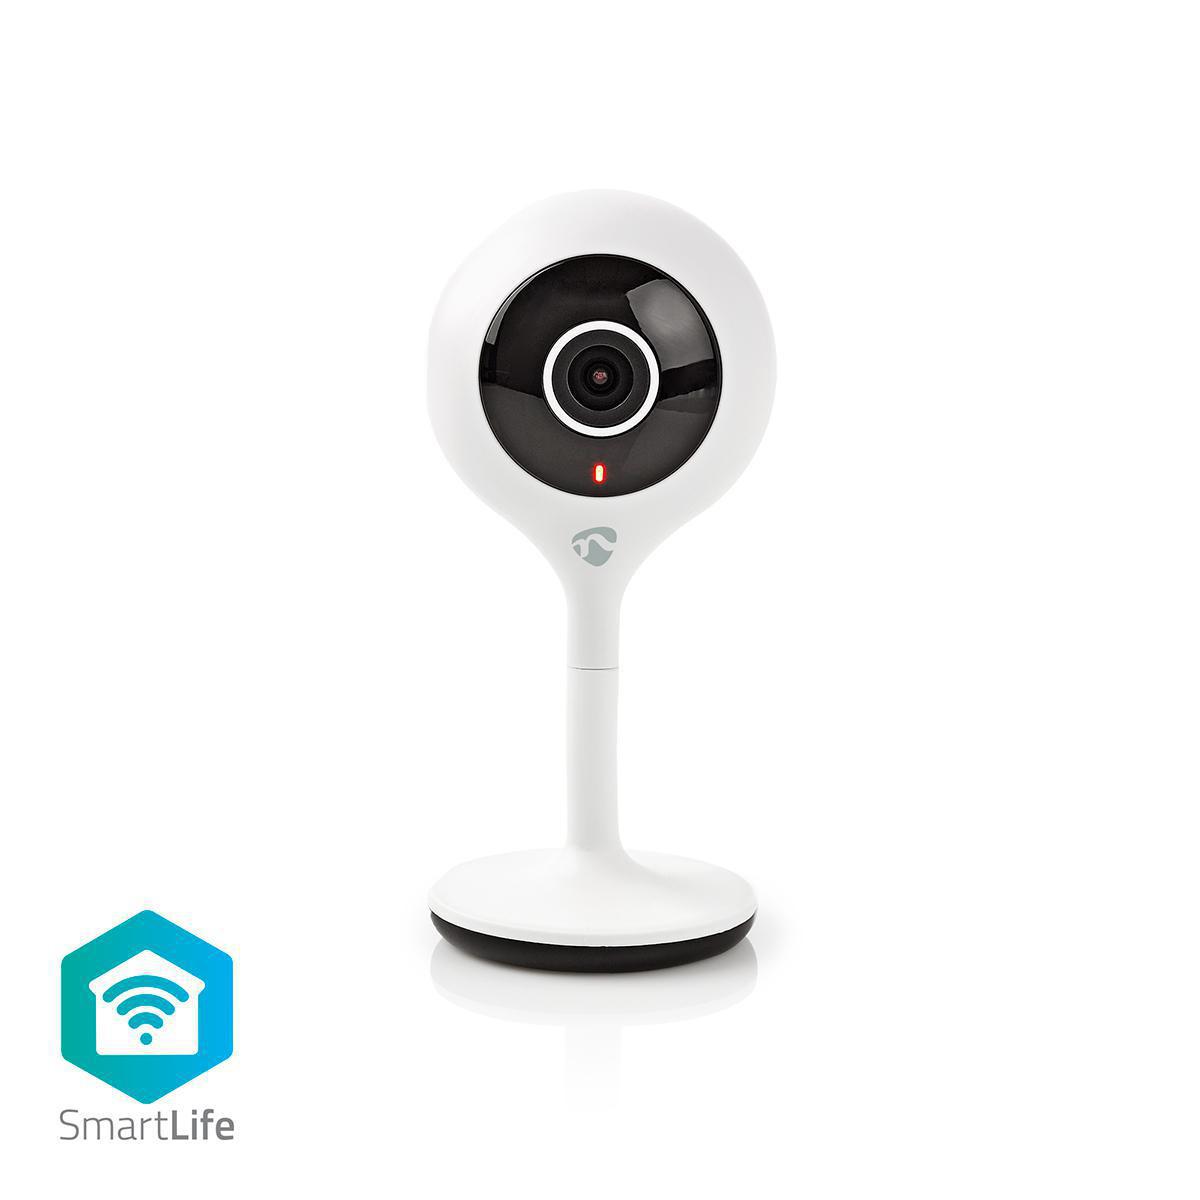 Esta cámara IP SmartHome es una adición esencial a cualquier sistema doméstico inteligente, lo conecta directamente a su red Wi-Fi, no requiere un concentrador adicional, y se activa por cada movimiento y cada sonido en la habitación.